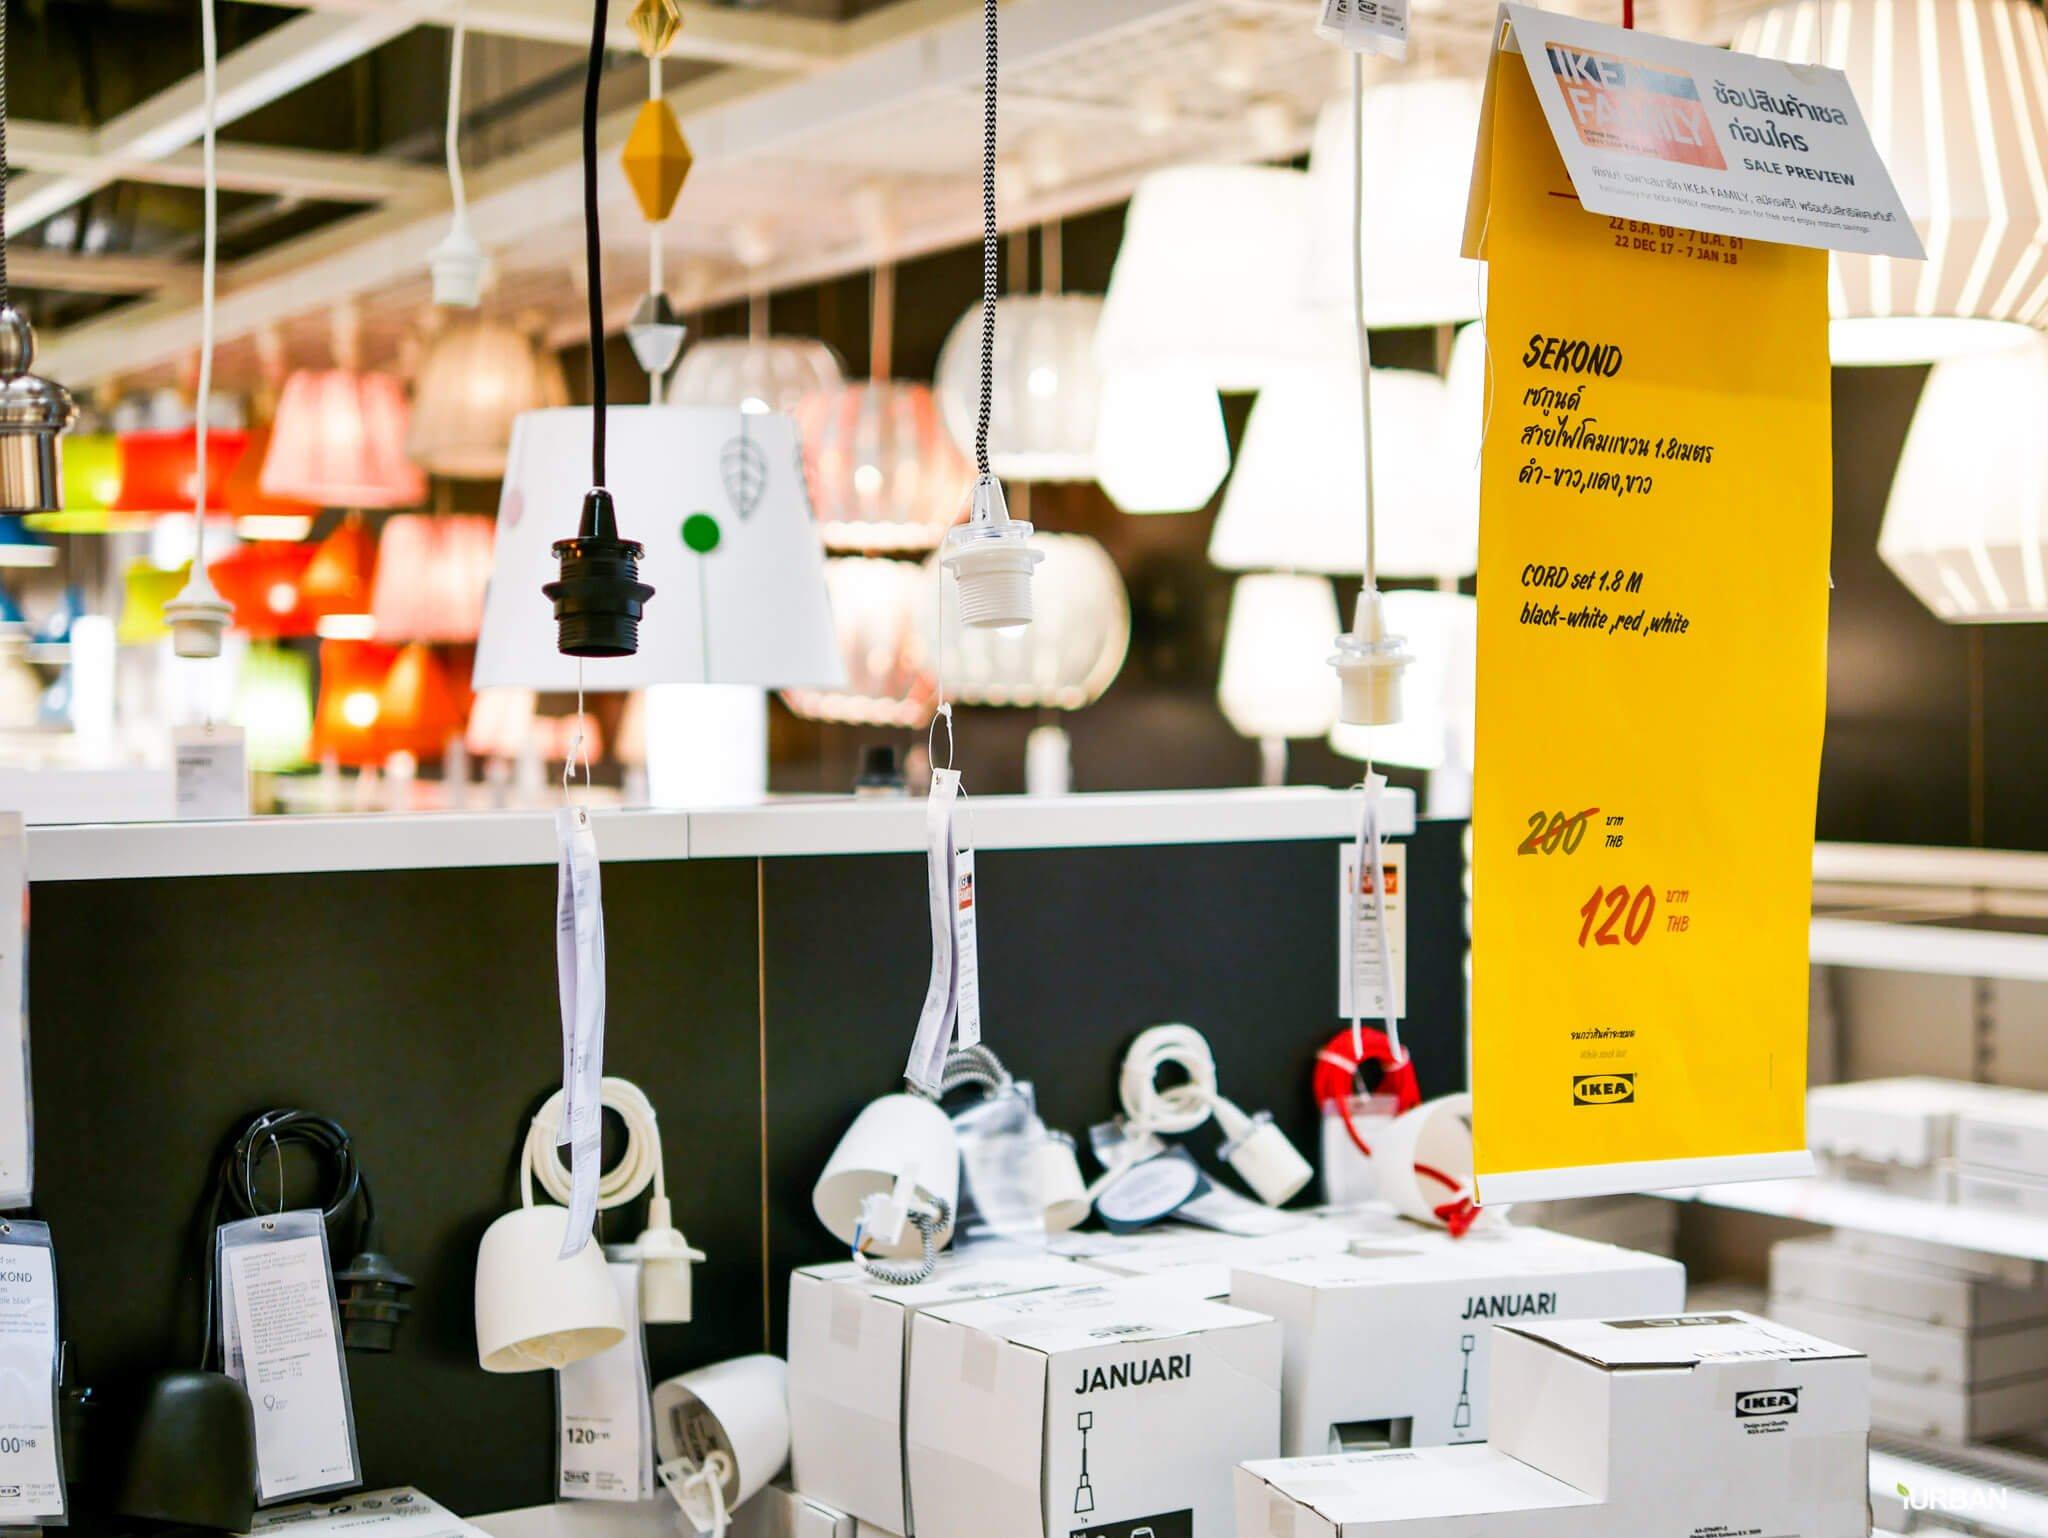 มันเยอะมากกกก!! IKEA Year End SALE 2017 รวมของเซลในอิเกีย ลดเยอะ ลดแหลก รีบพุ่งตัวไป วันนี้ - 7 มกราคม 61 181 - IKEA (อิเกีย)